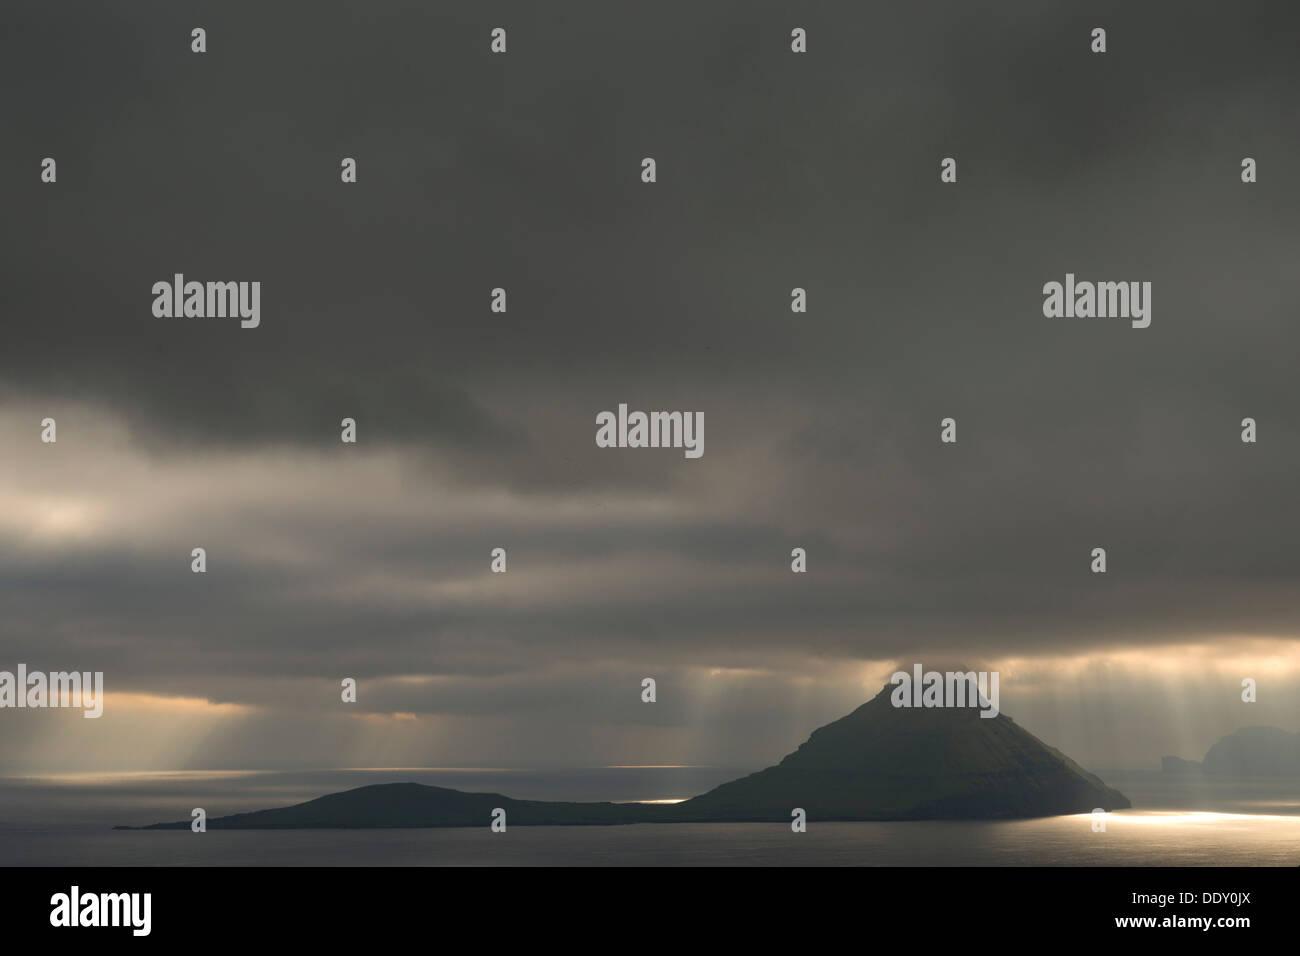 Éclairage d'ambiance dramatique, nuages bas, les rayons de lumière qui tombe sur la mer Photo Stock